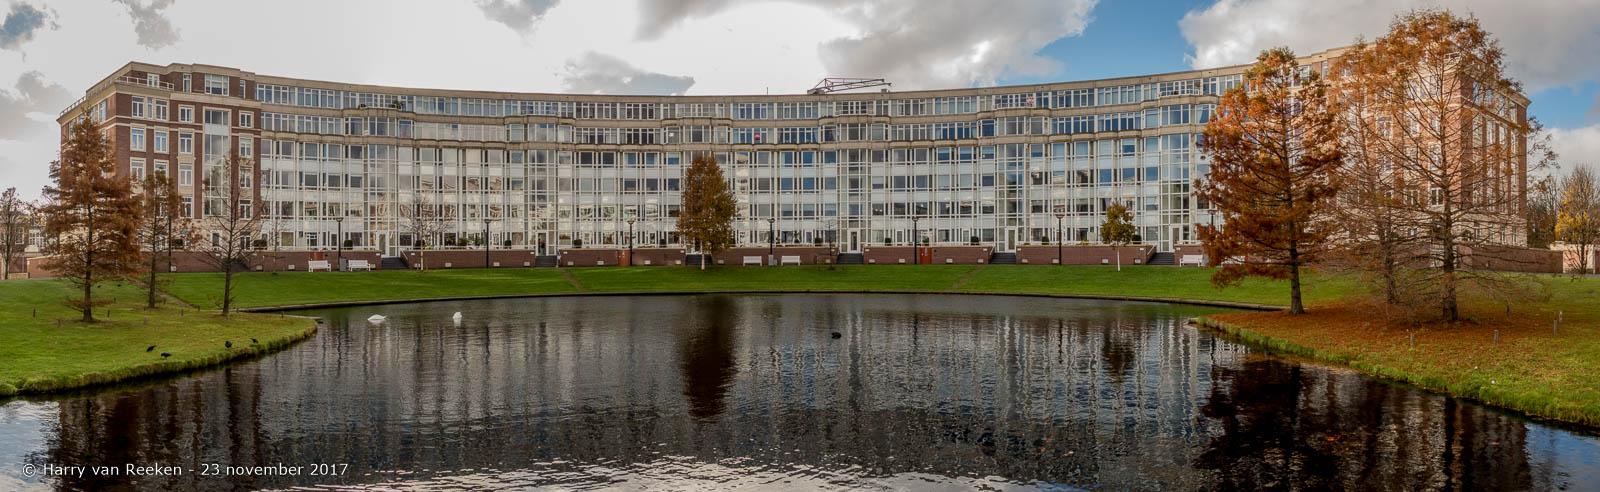 Burgemeester De Monchyplein - Archipelbuurt - pano -6